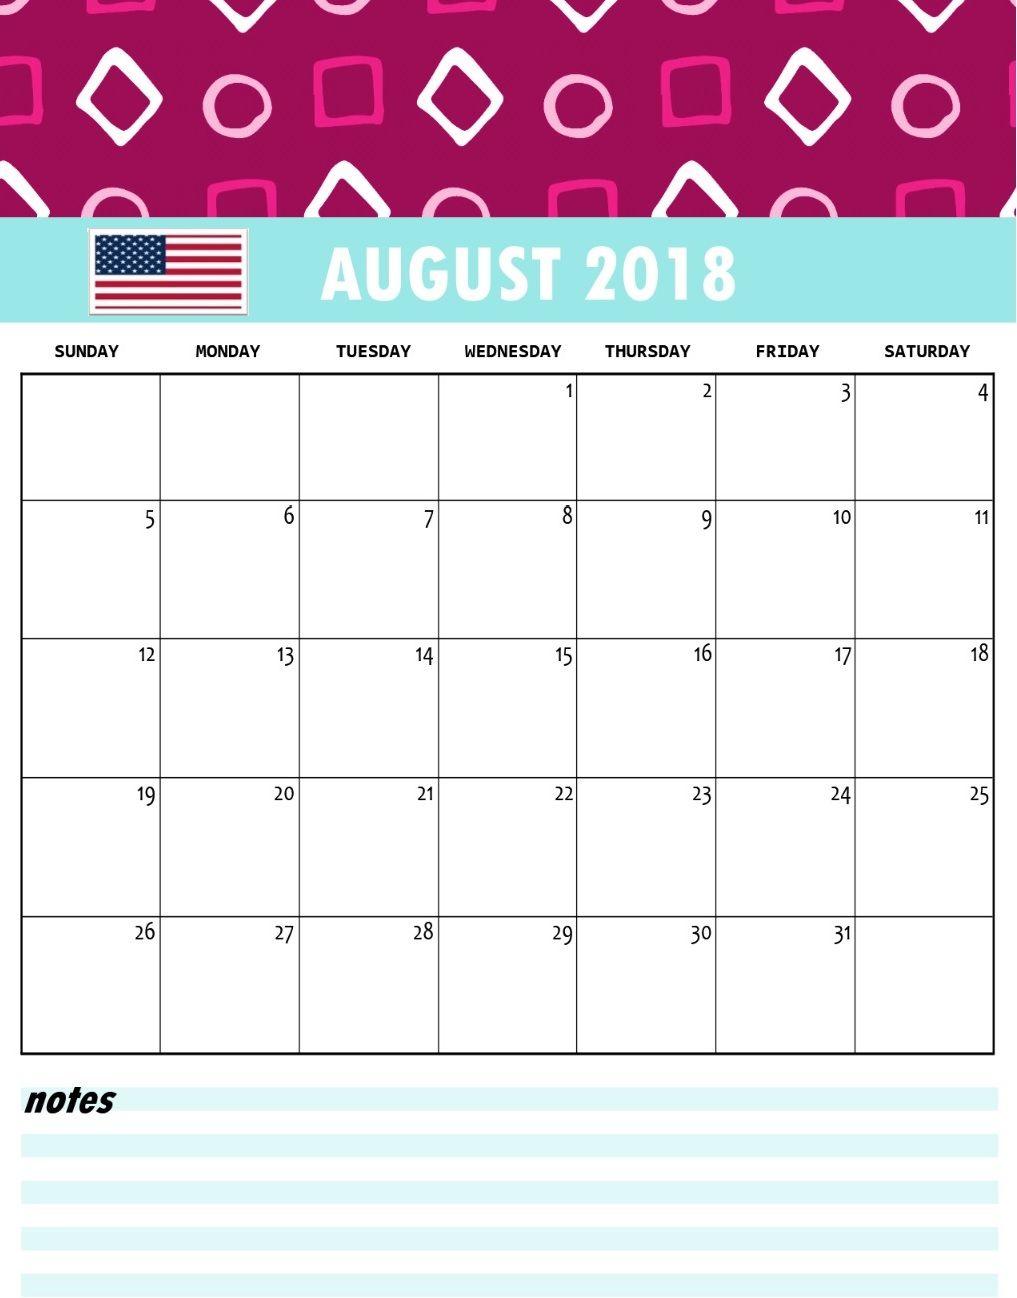 August 2018 USA Holidays Calendar | Calendar 2018 | Pinterest